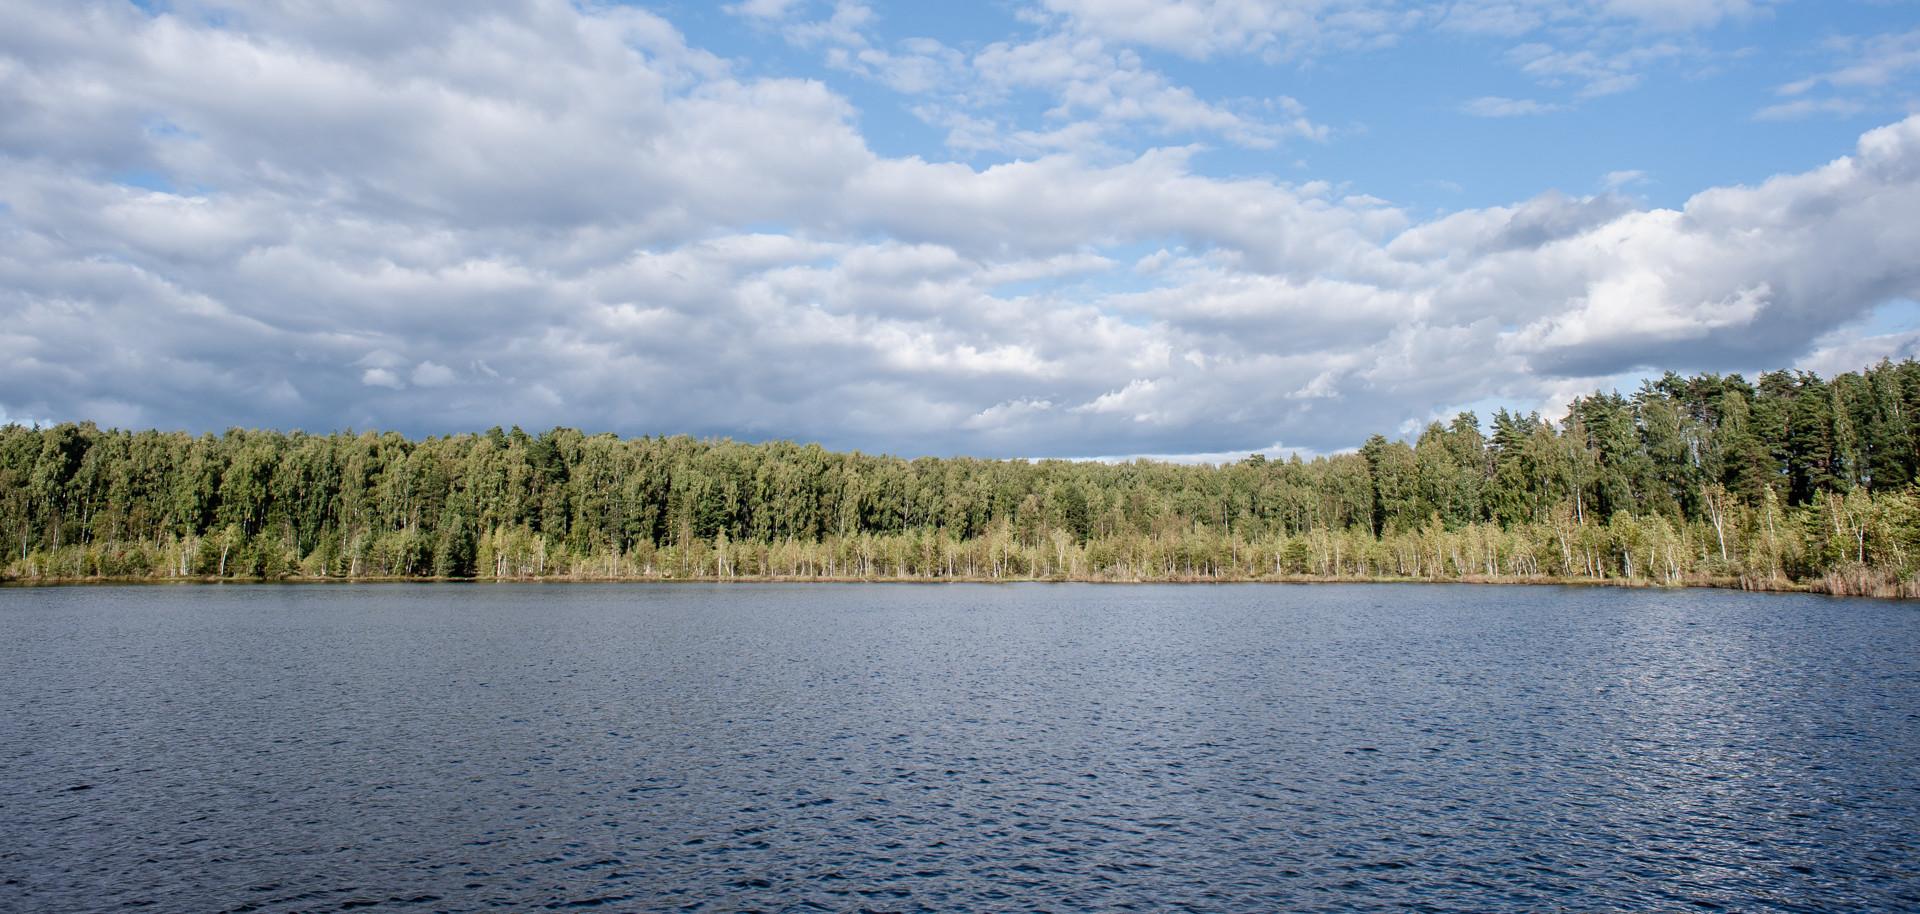 Озерный лесопарк. Озеро Бабошкино